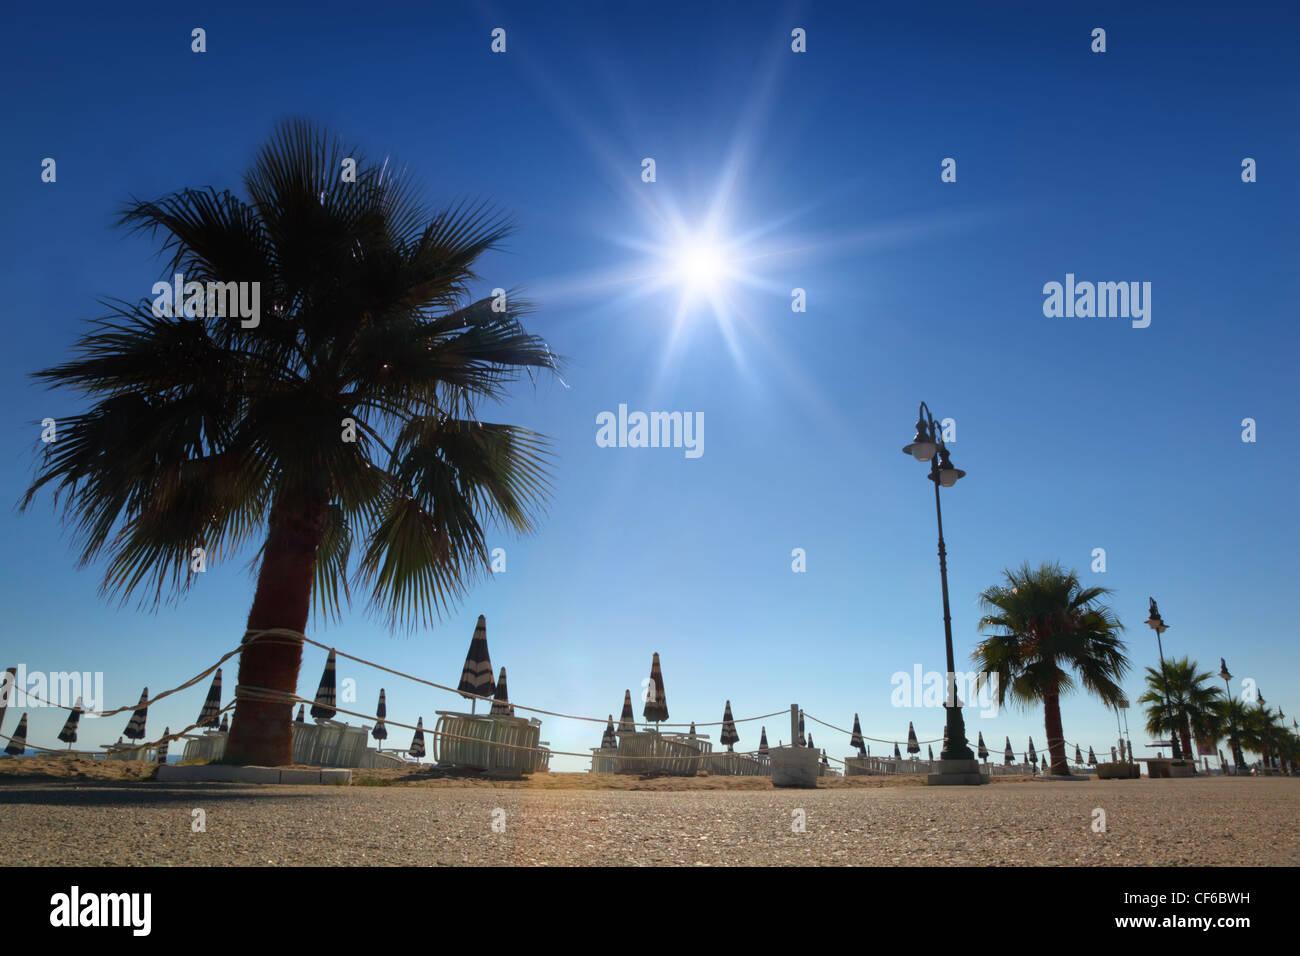 Chemin de béton avec des palmiers sur la plage avec parasols et transats, soleil et ciel sans nuages Photo Stock